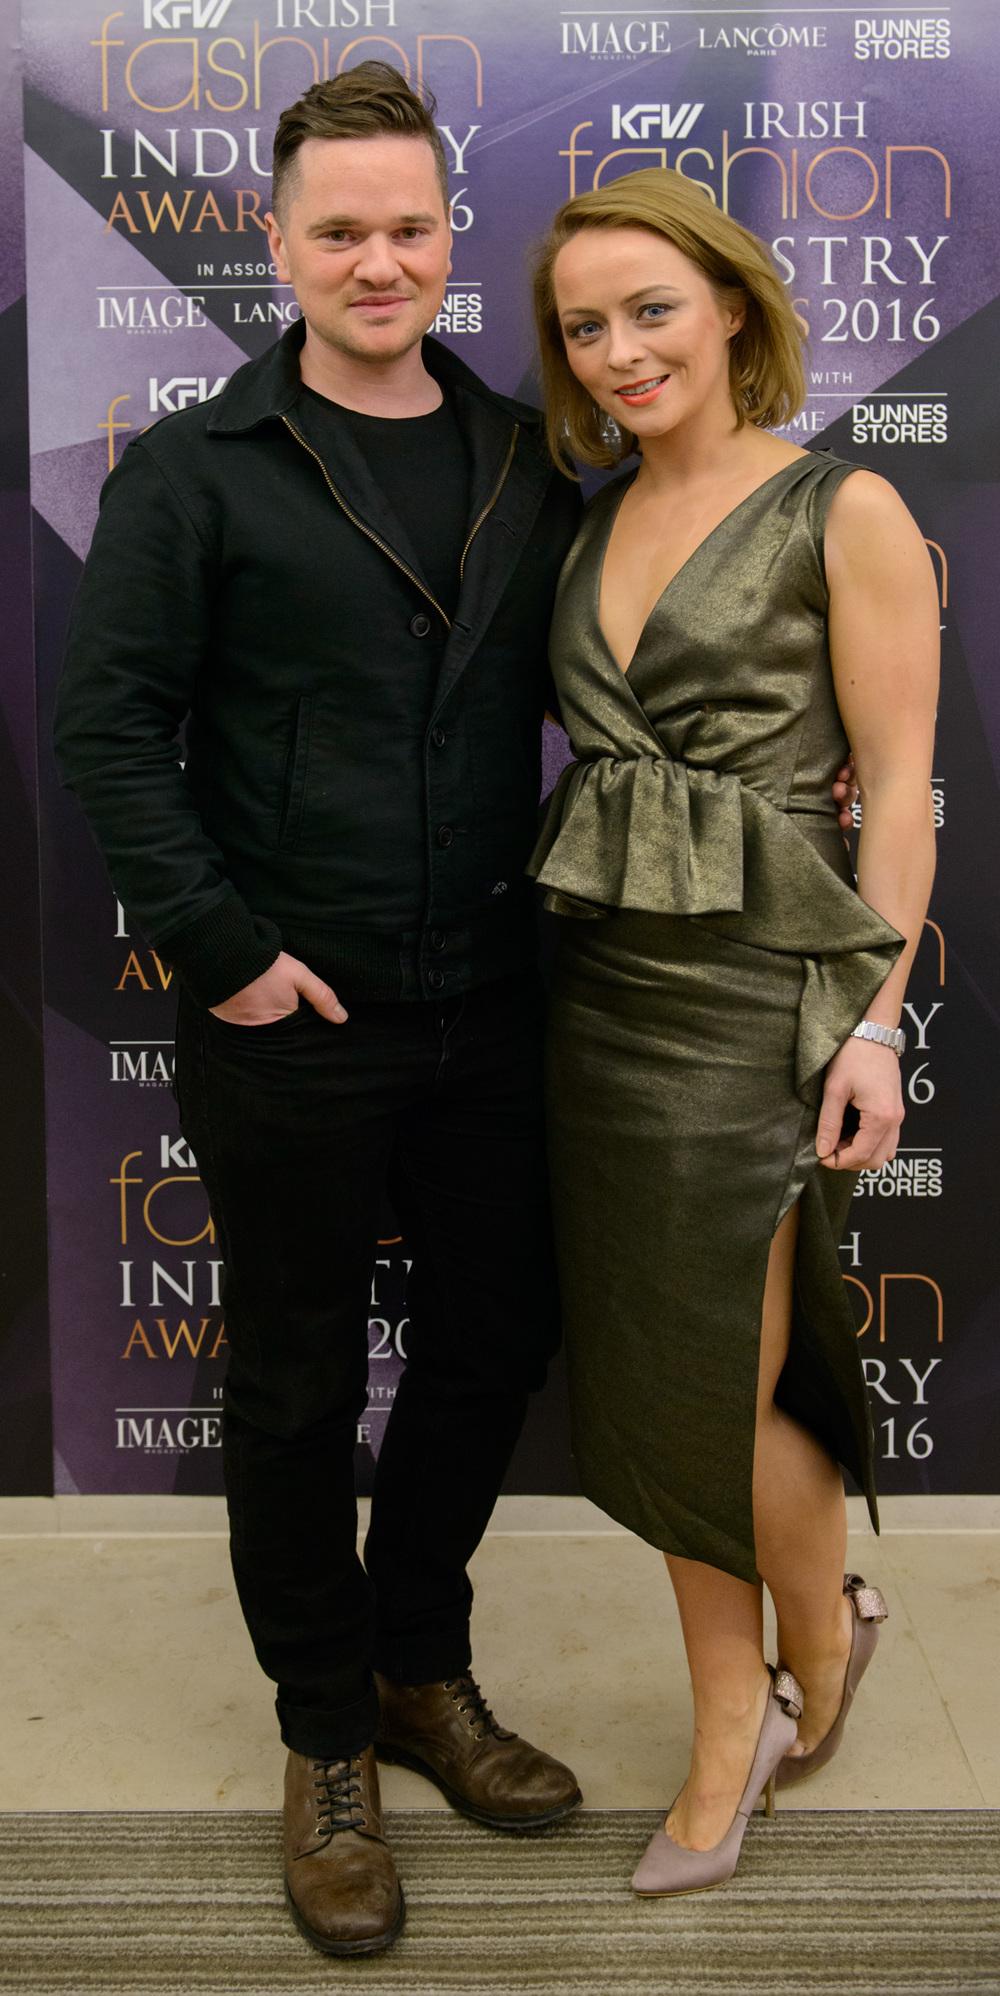 KFW16_Irish Fashion Industry Awards_9890.JPG